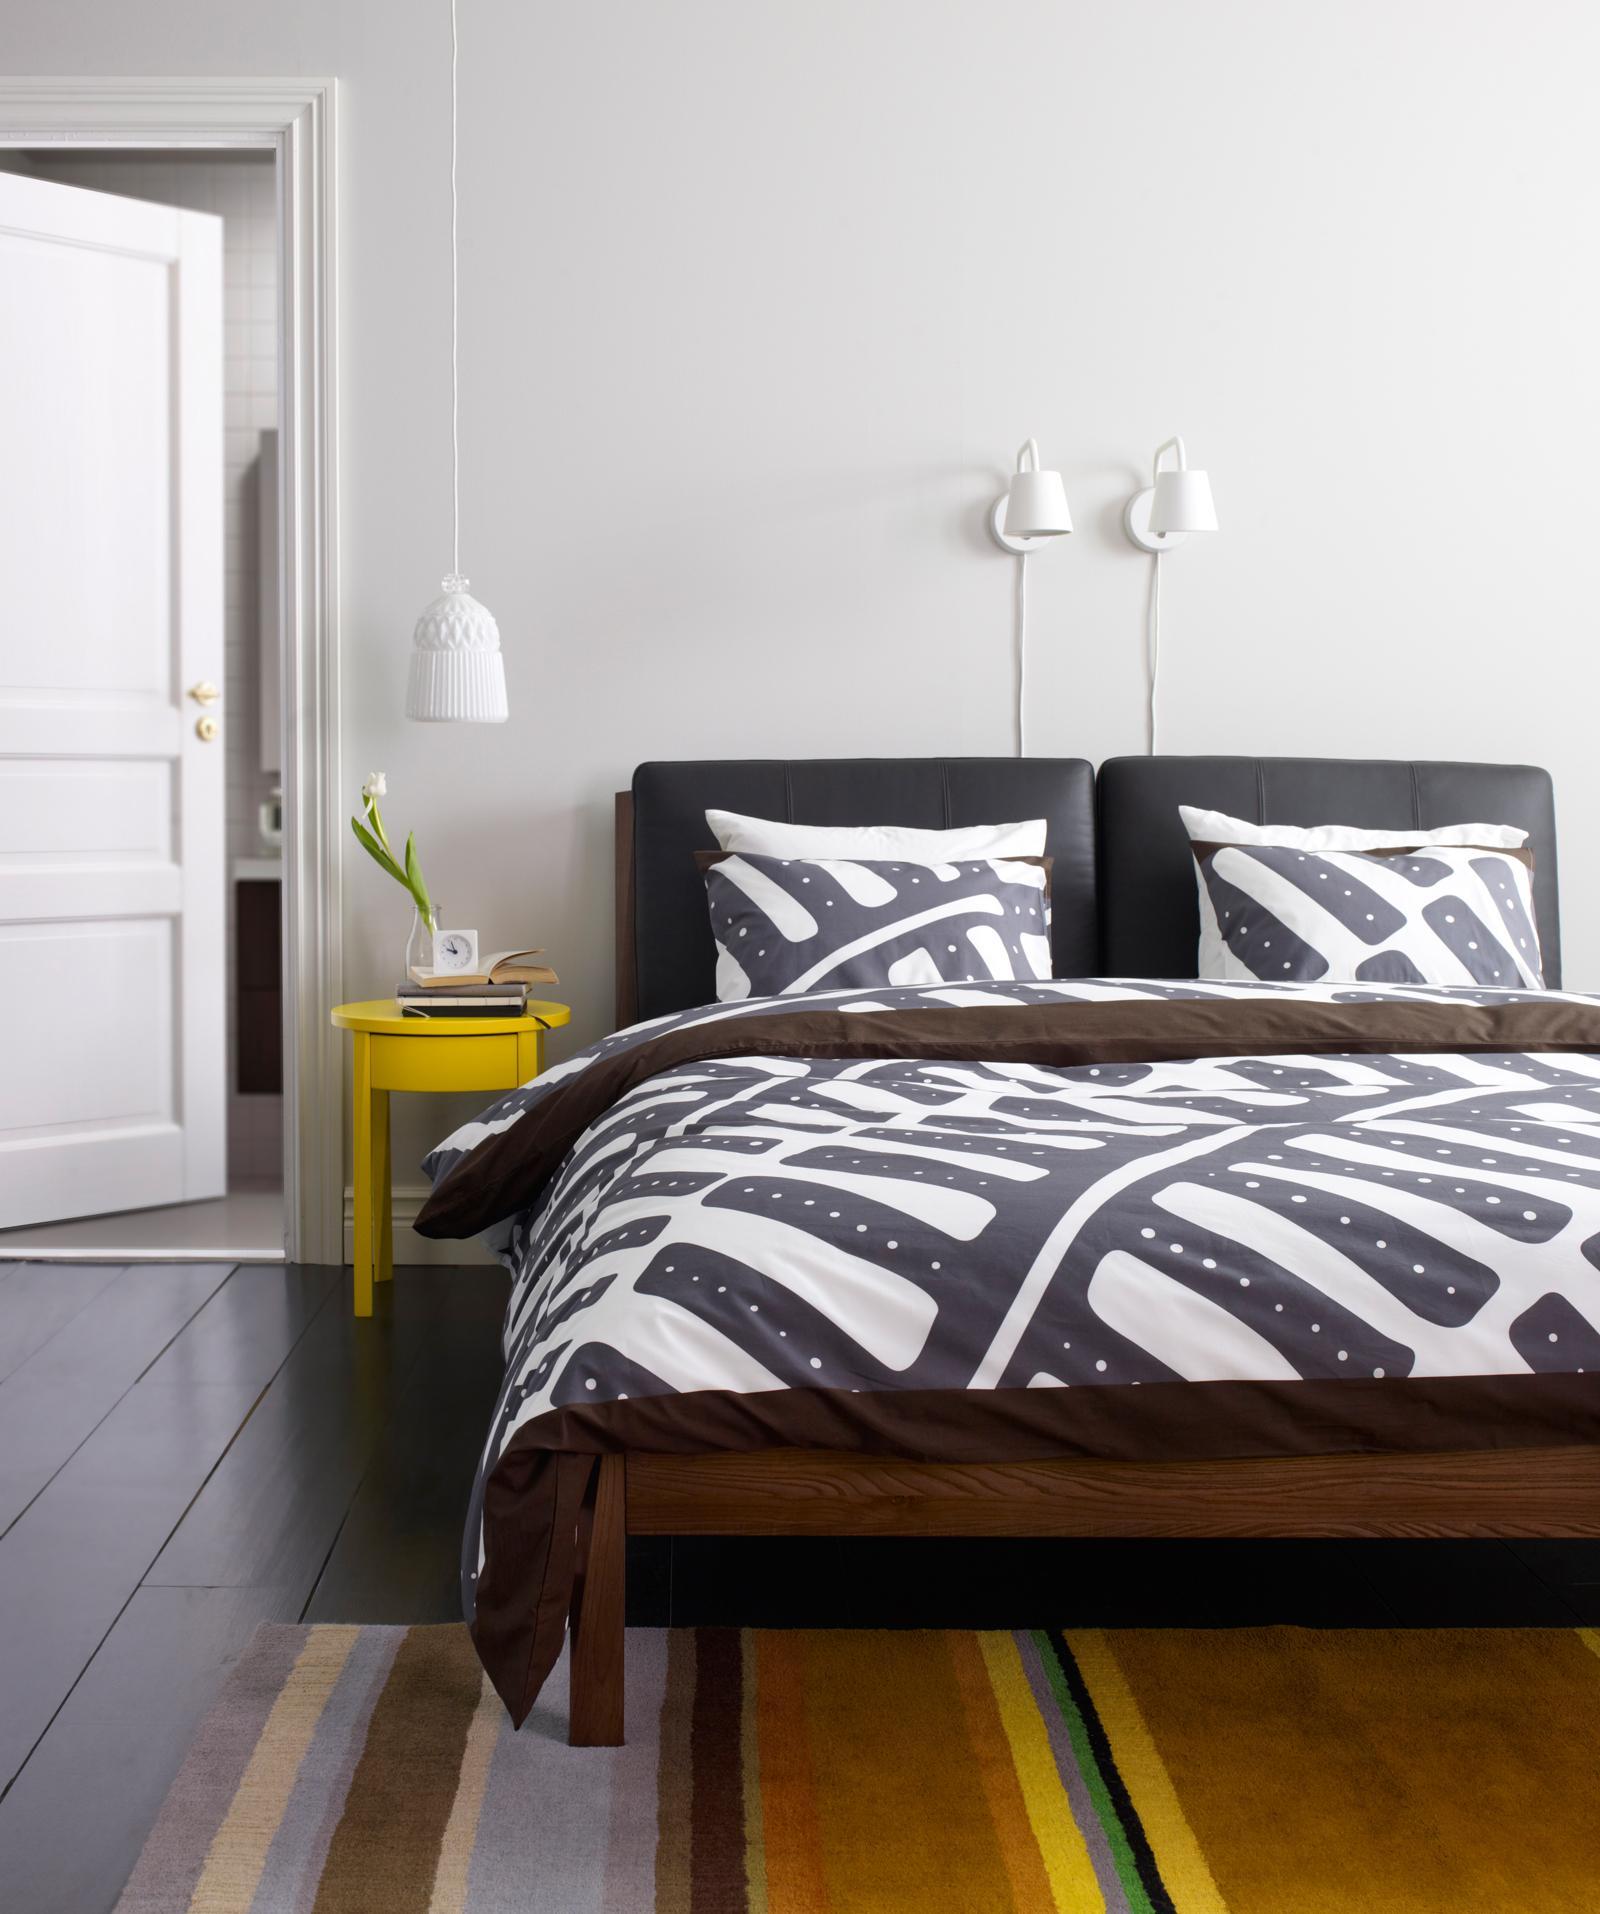 Ikea Pendelleuchte single küche bilder ideen couchstyle